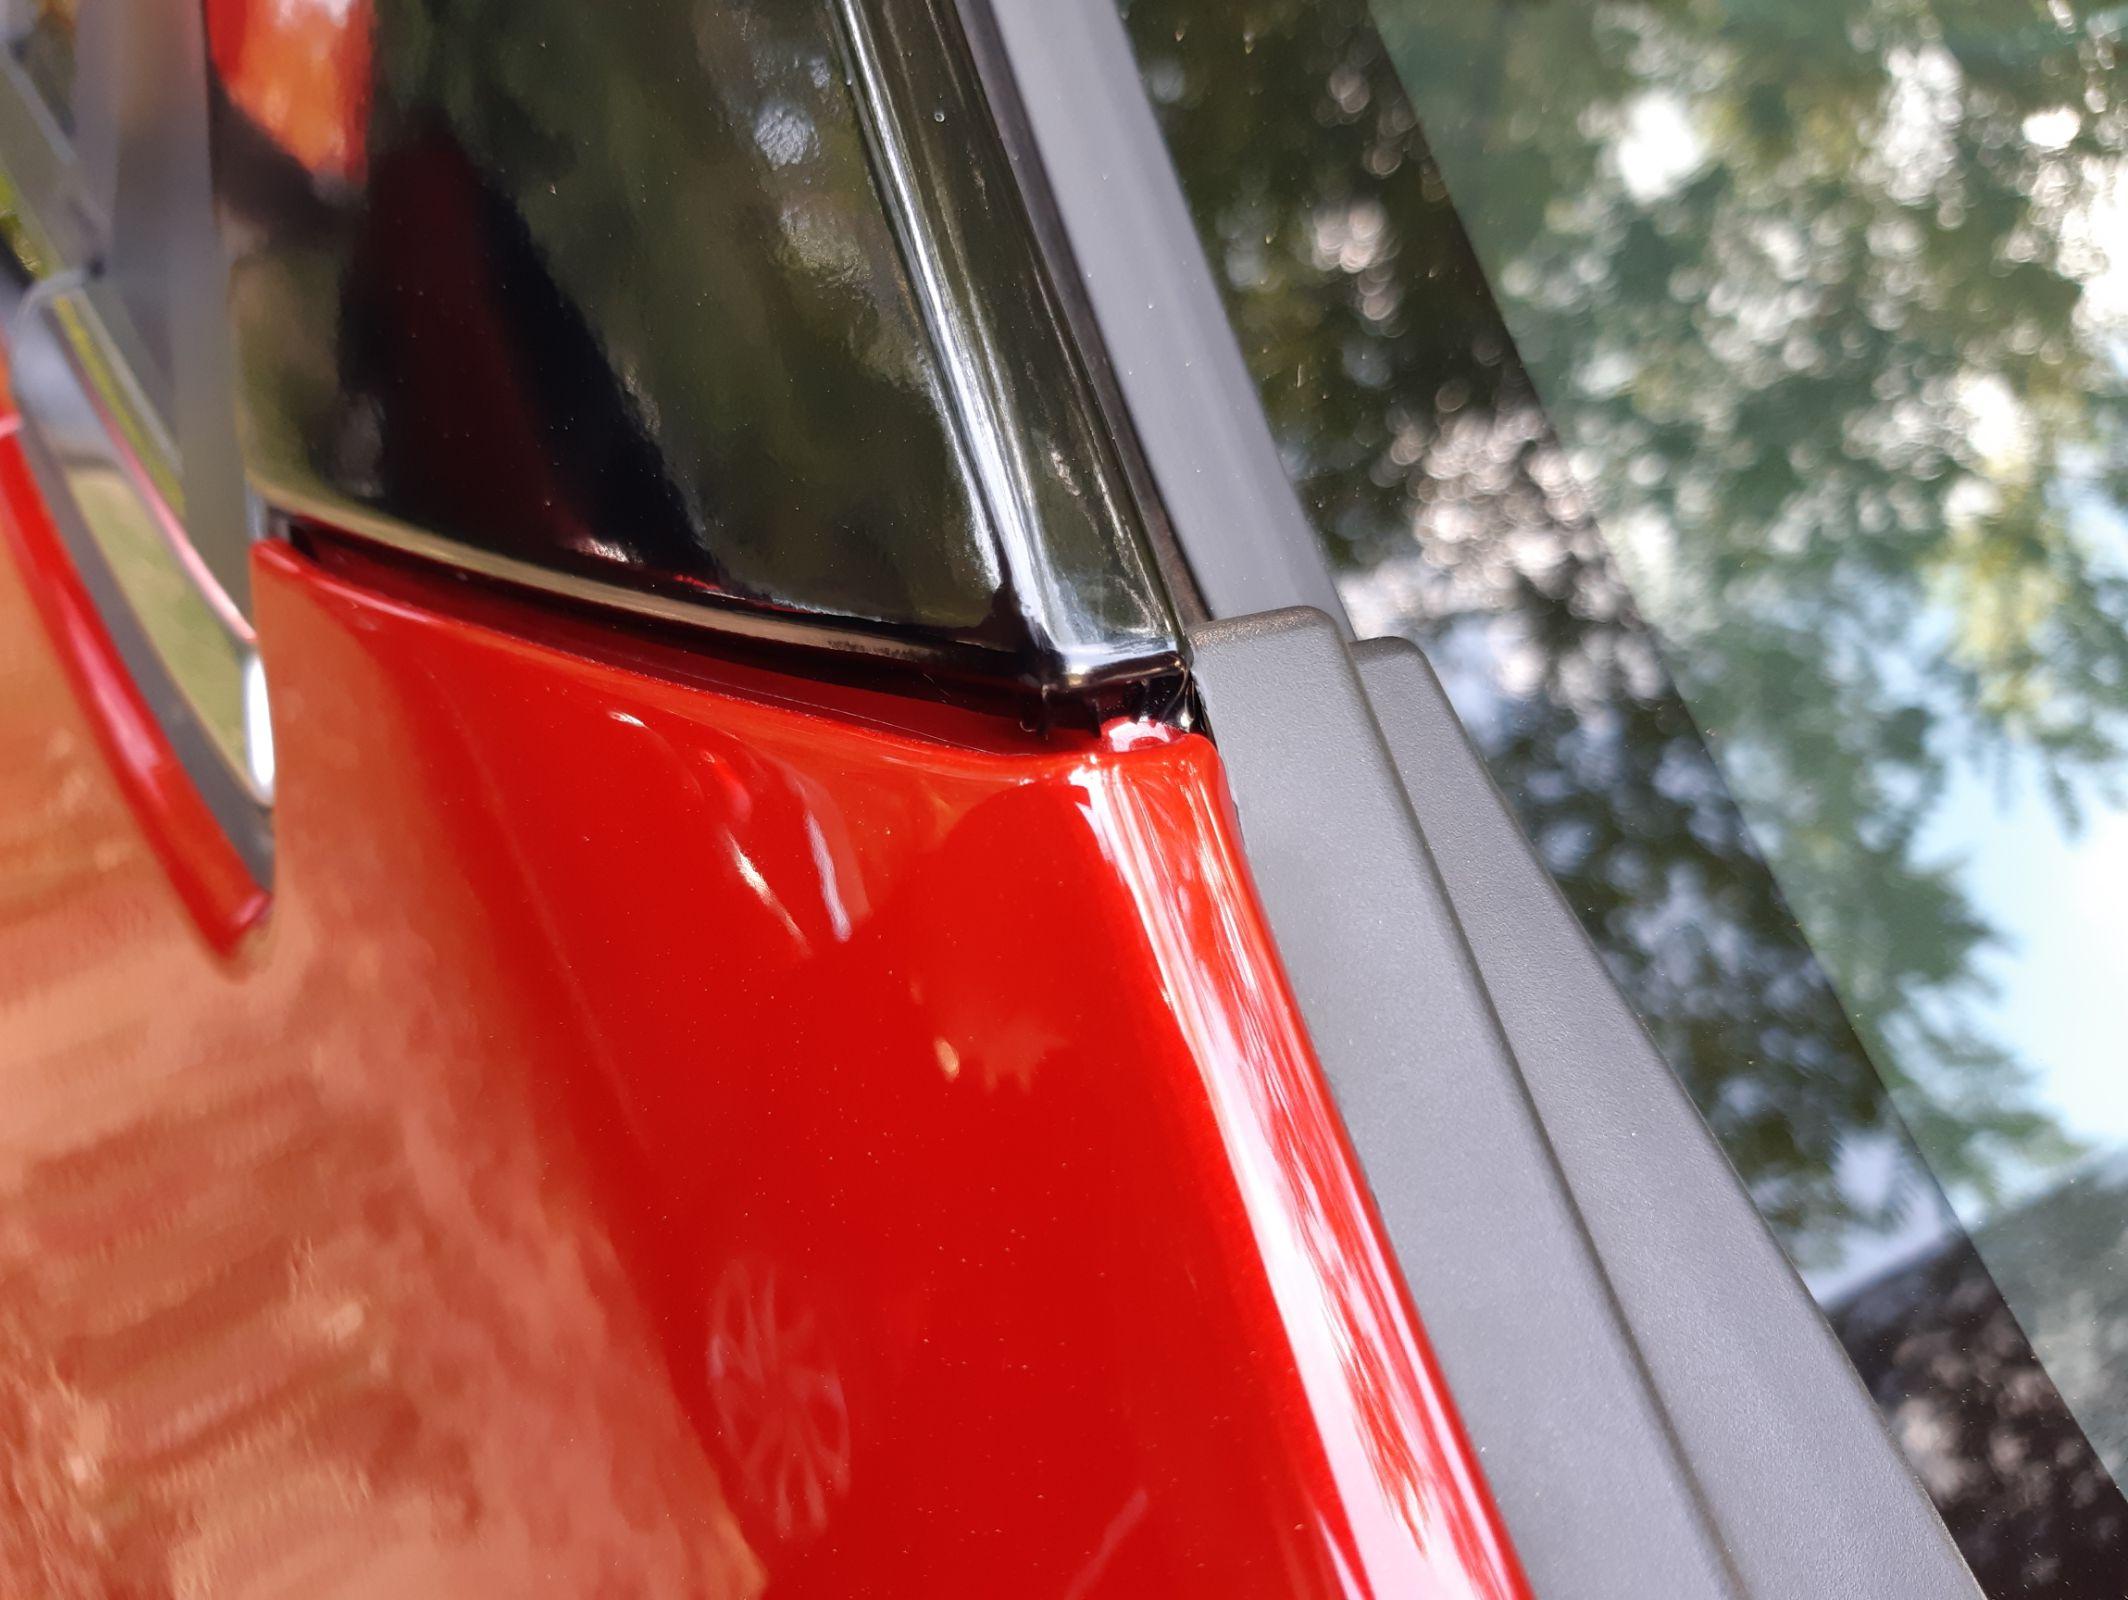 O AutoPapo avaliou o JAC T50. A nova geração do SUV T5 está mais potente e mais bem acabada. Apesar das novidades, desempenho ainda deixa a desejar.